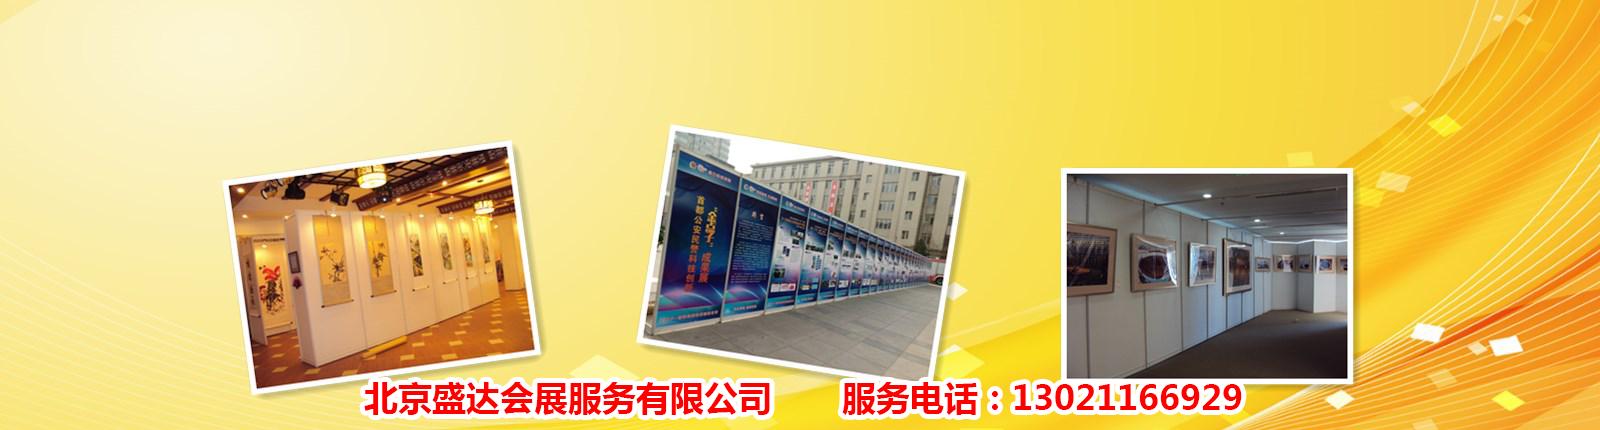 北京展架租赁